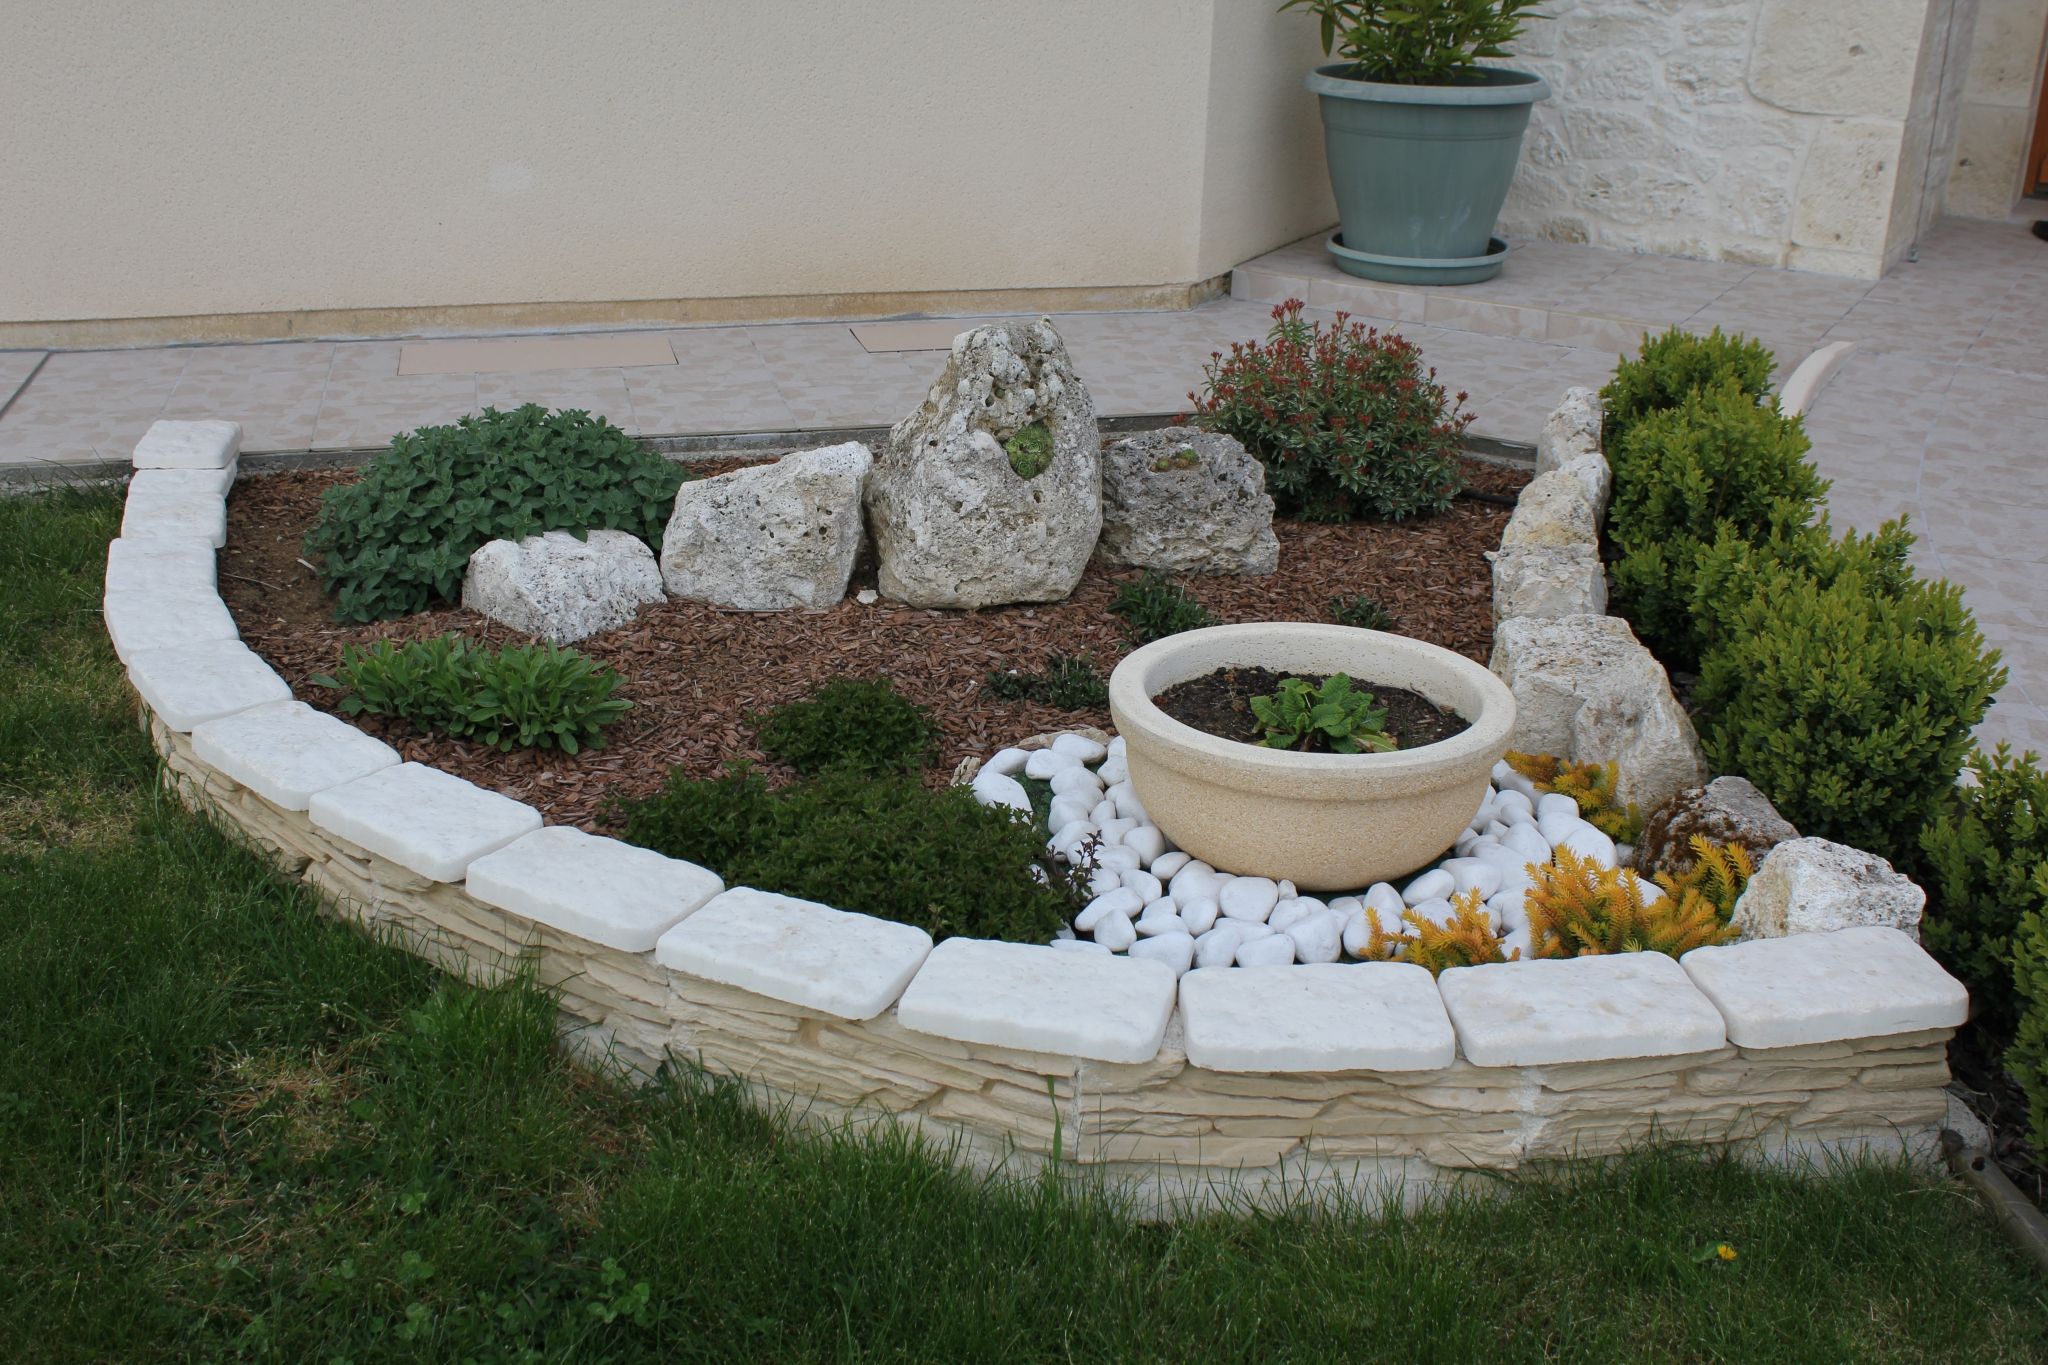 voici une slection dcoration extrieur jardin ou maison pour vous - Decoration En Pierre Pour Exterieur